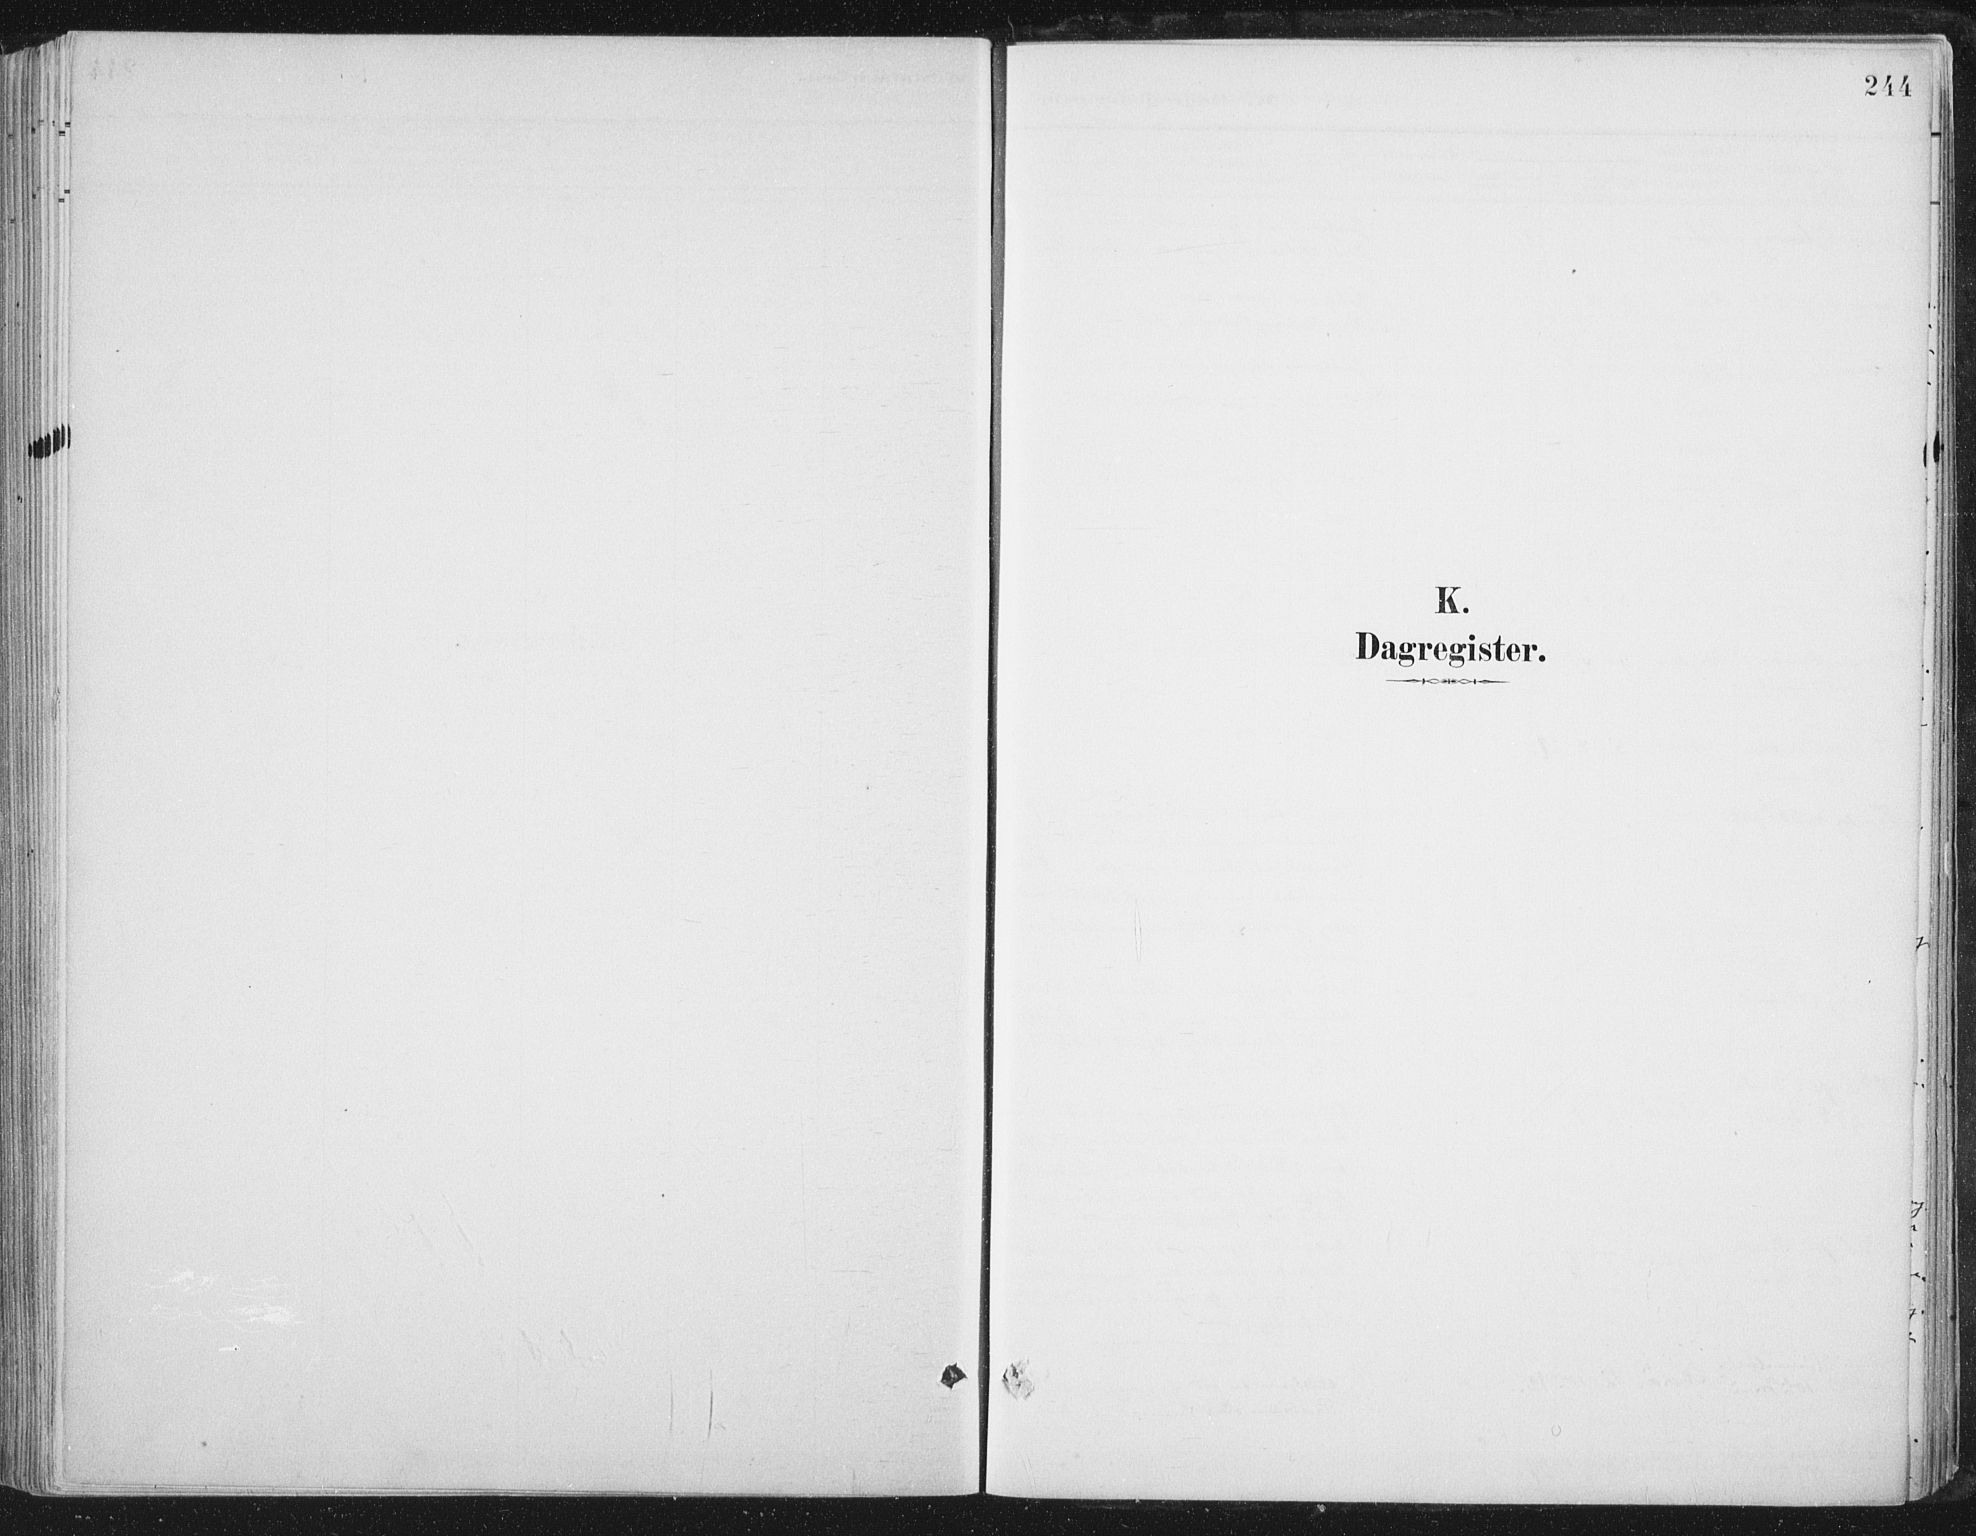 SAT, Ministerialprotokoller, klokkerbøker og fødselsregistre - Nord-Trøndelag, 784/L0673: Ministerialbok nr. 784A08, 1888-1899, s. 244